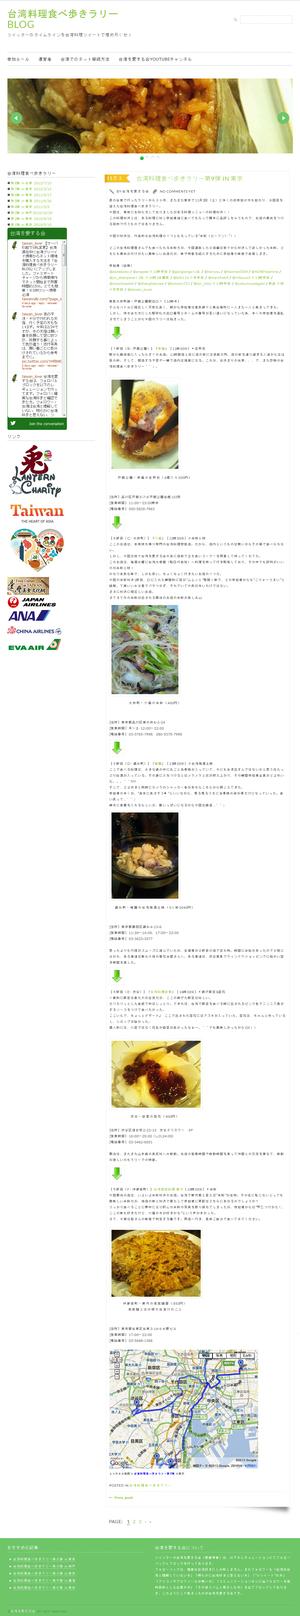 台湾料理食べ歩きラリー公式サイトサムネイル